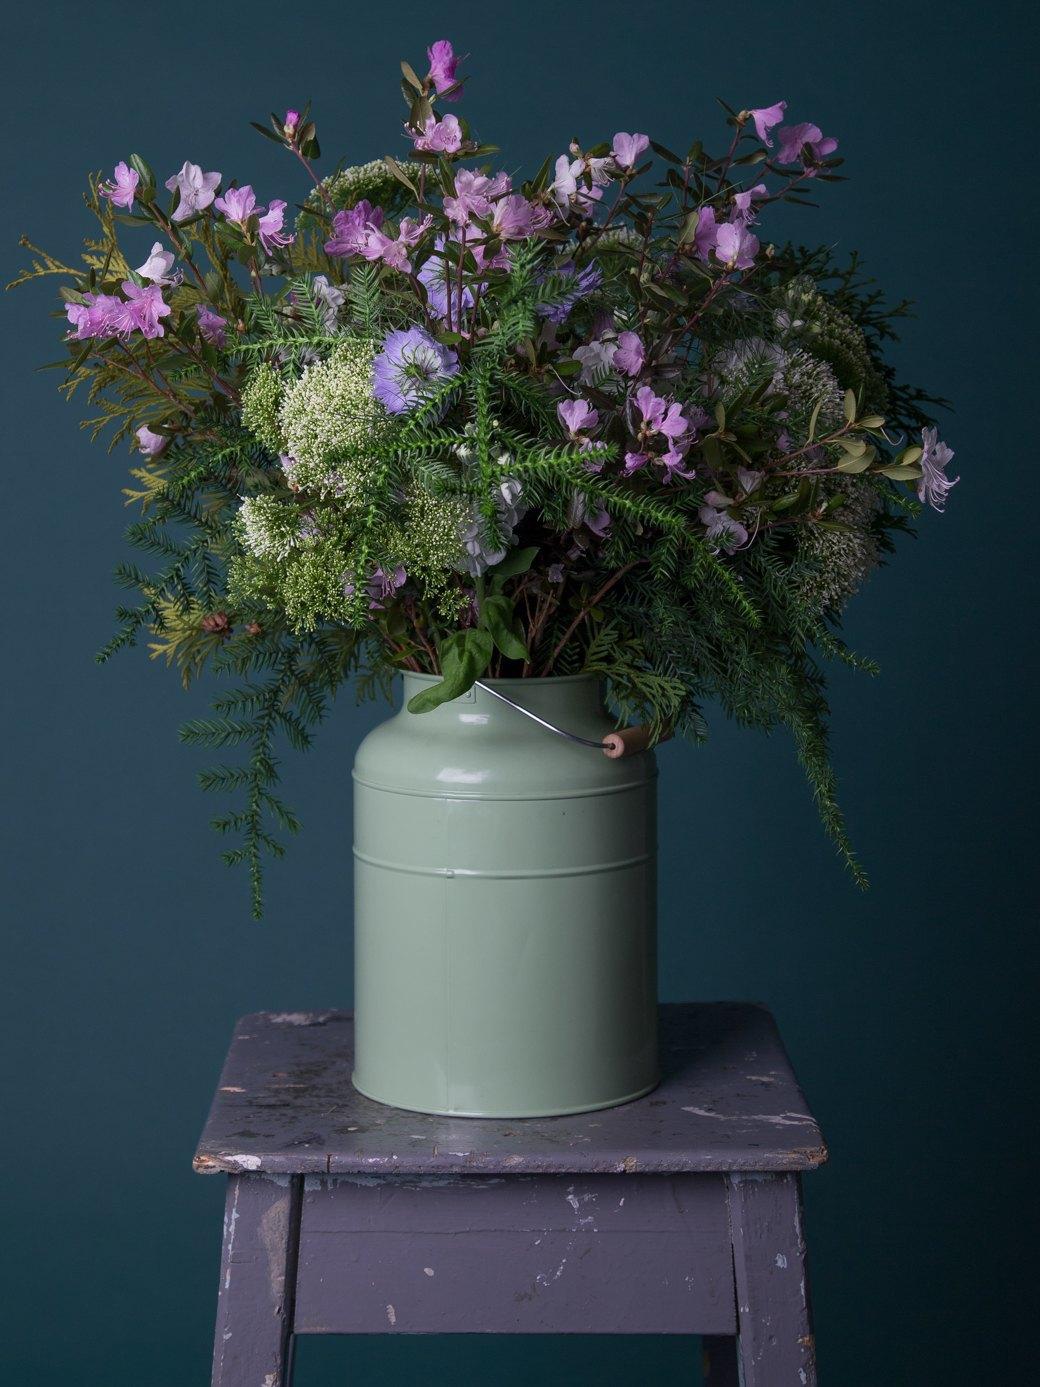 Сколько стоит букет цветов?. Изображение № 17.